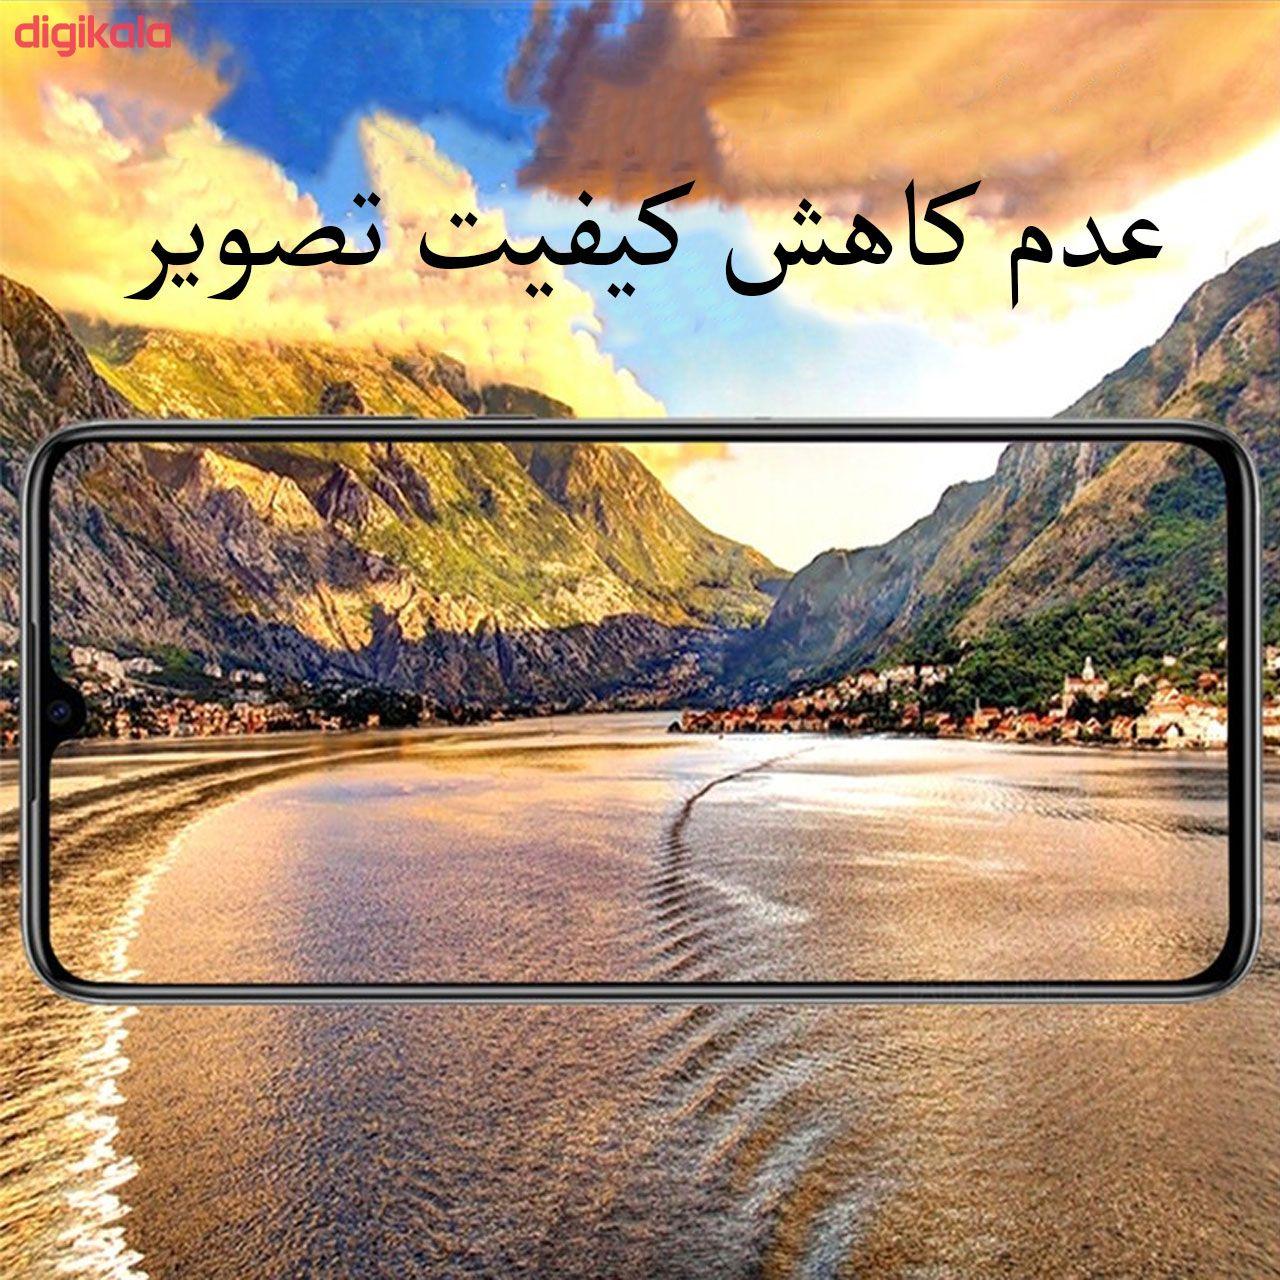 محافظ صفحه نمایش مدل FCG مناسب برای گوشی موبایل سامسونگ Galaxy A12 main 1 13